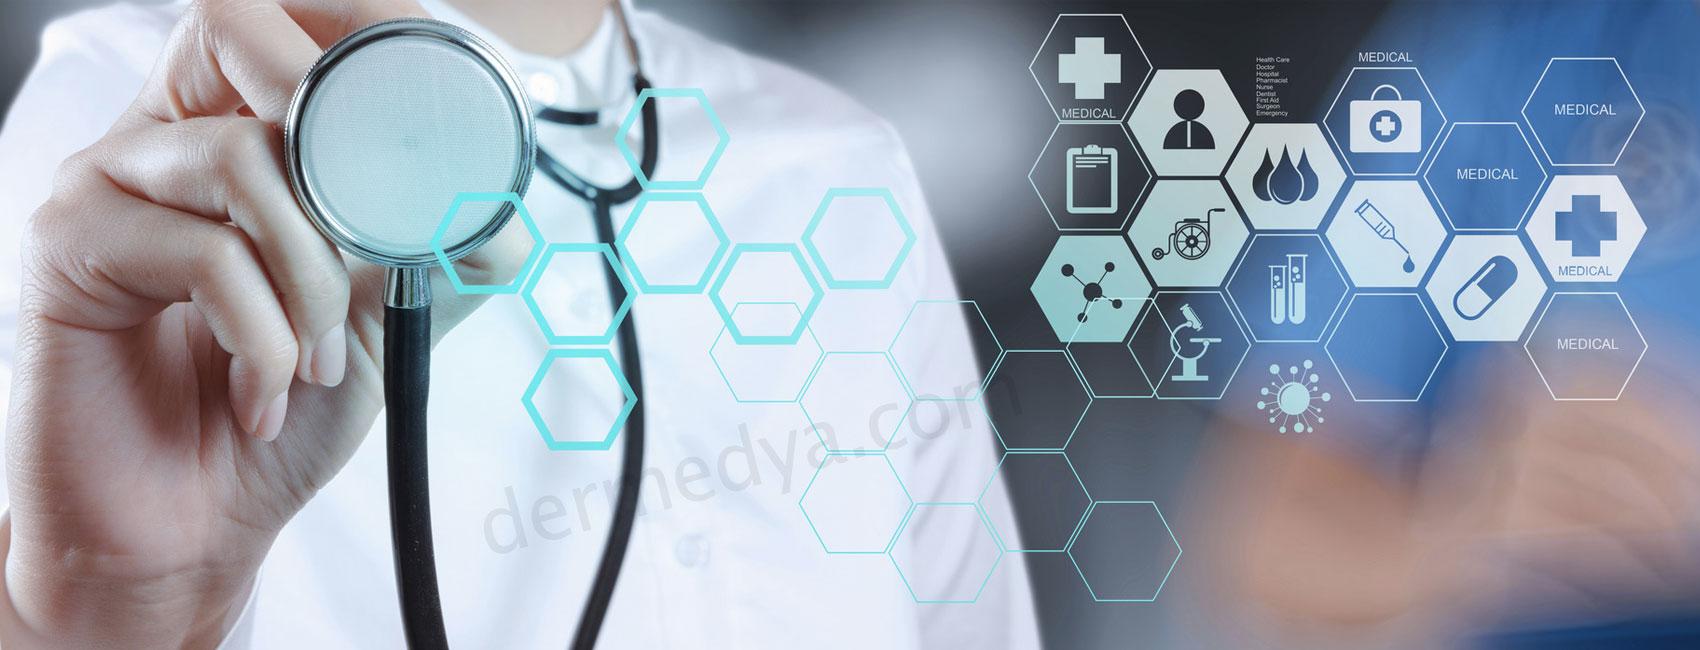 Sağlık Sektöründe Nesnelerin İnterneti Kullanımı ve Avantajları